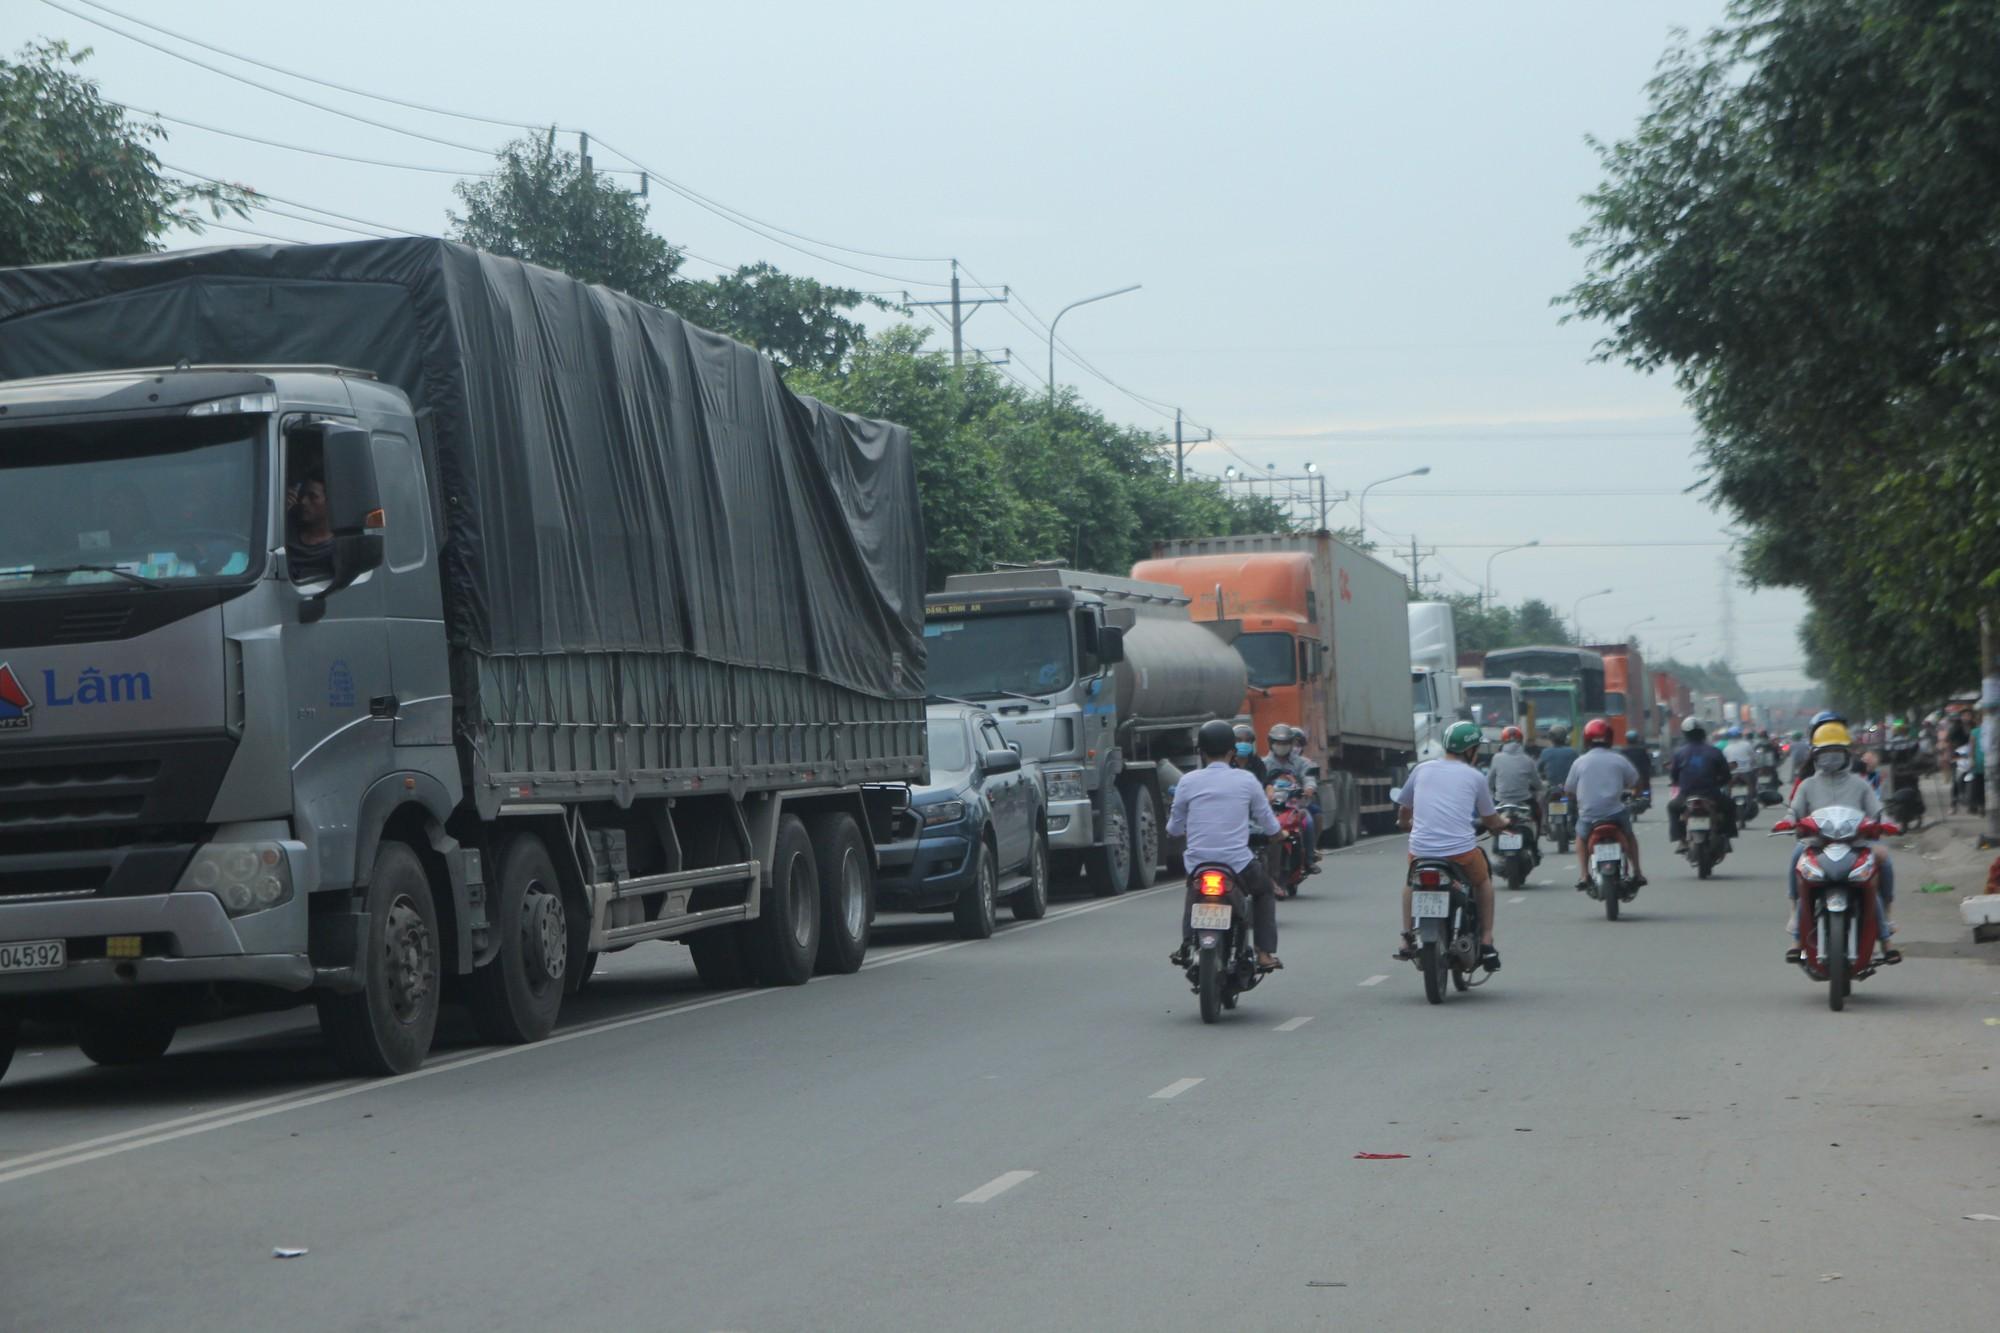 Hàng trăm phương tiện chôn chân trên đường, giao thông tê liệt - Ảnh 4.